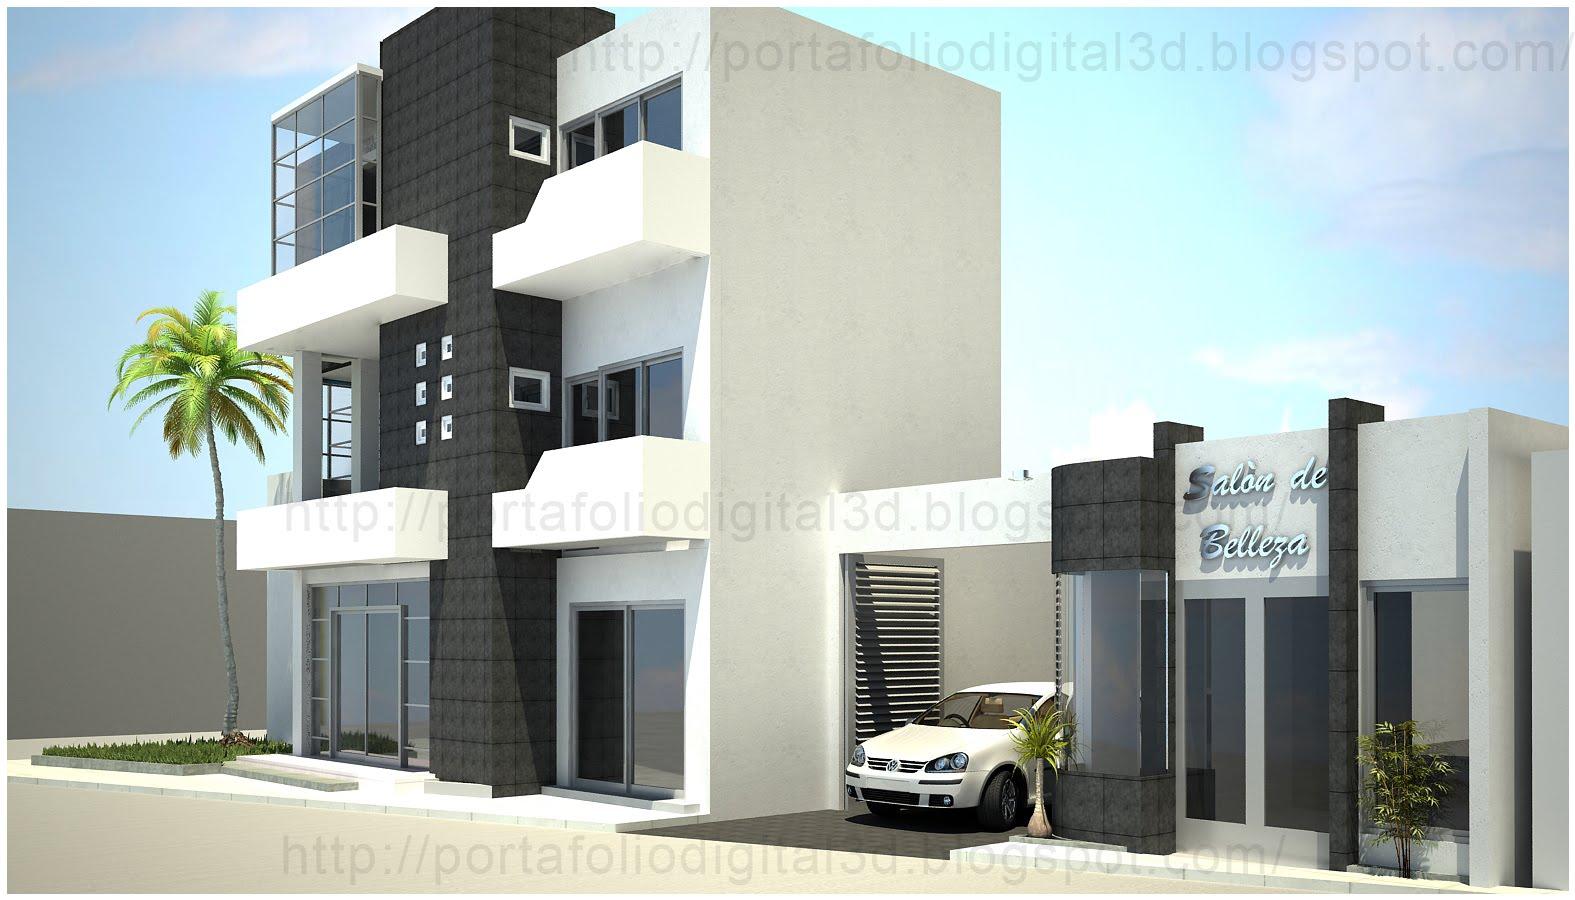 Proyectos arquitectonicos y dise o 3 d locales for Diseno locales comerciales